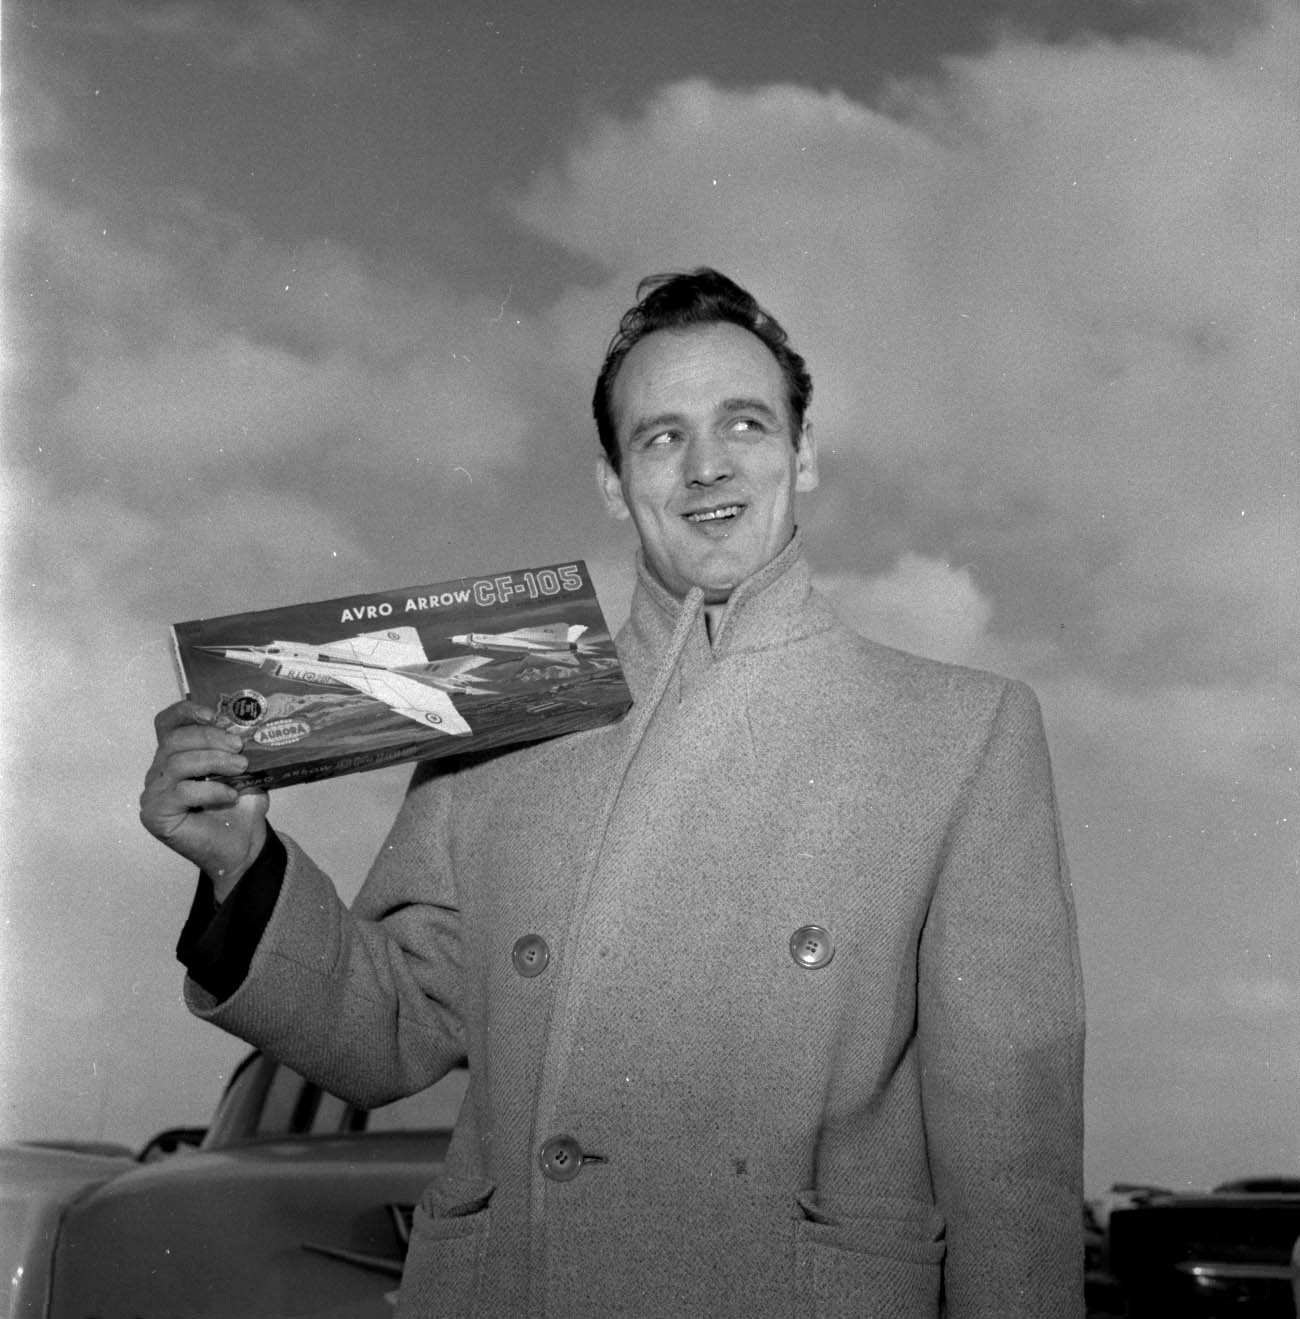 Photo noir et blanc d'un homme tenant la boîte d'une maquette d'avion.